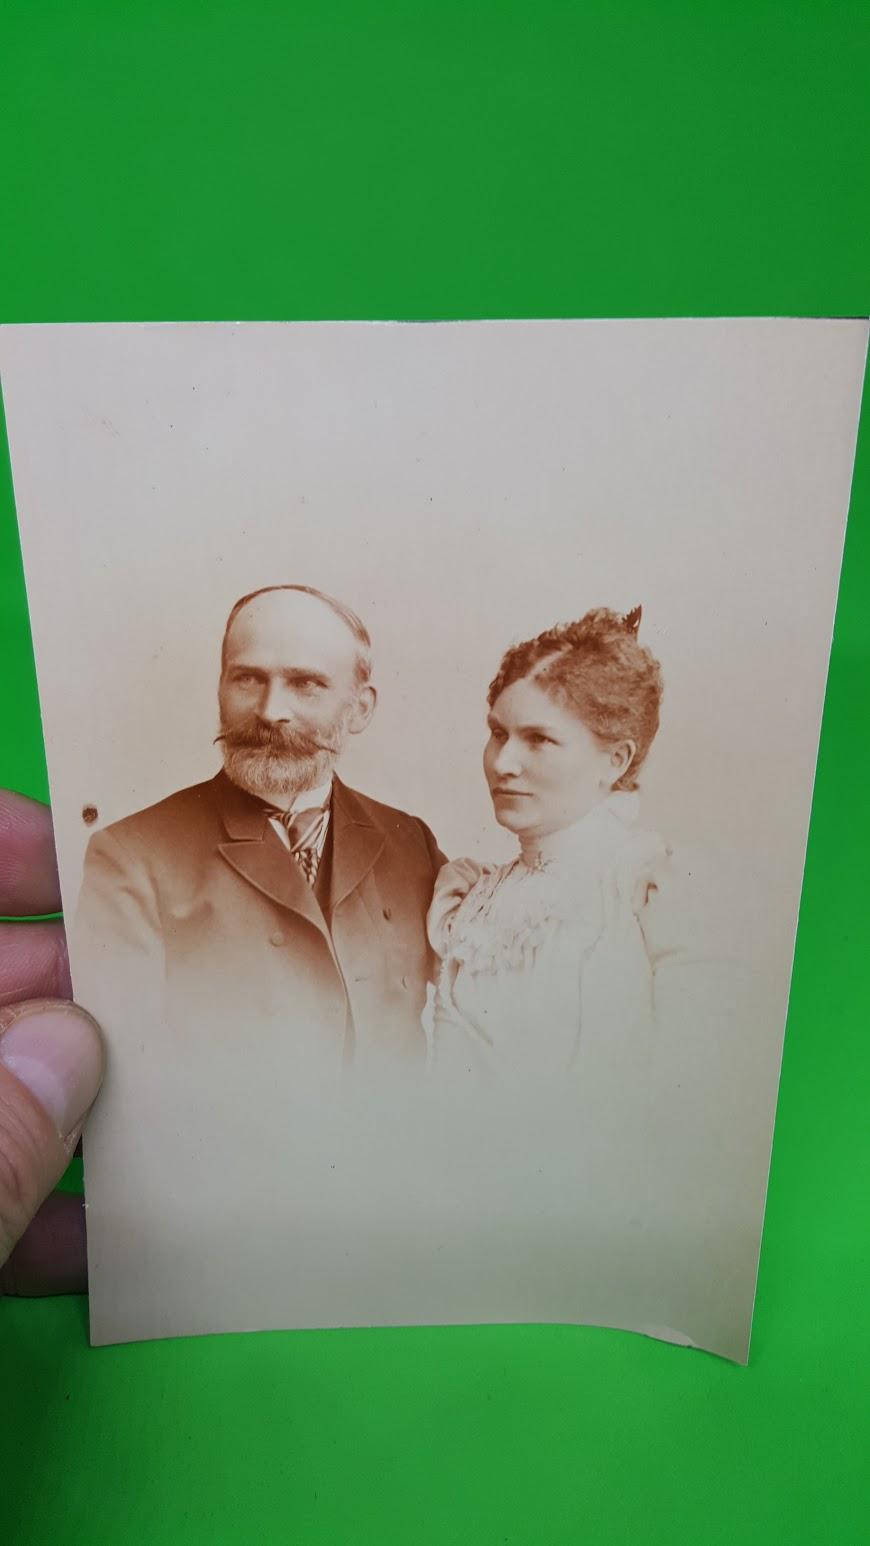 Hochzeit Gustav Lange und Käthe  geb. Hanel, 1.6.1909 - Eltern des Bräutigams